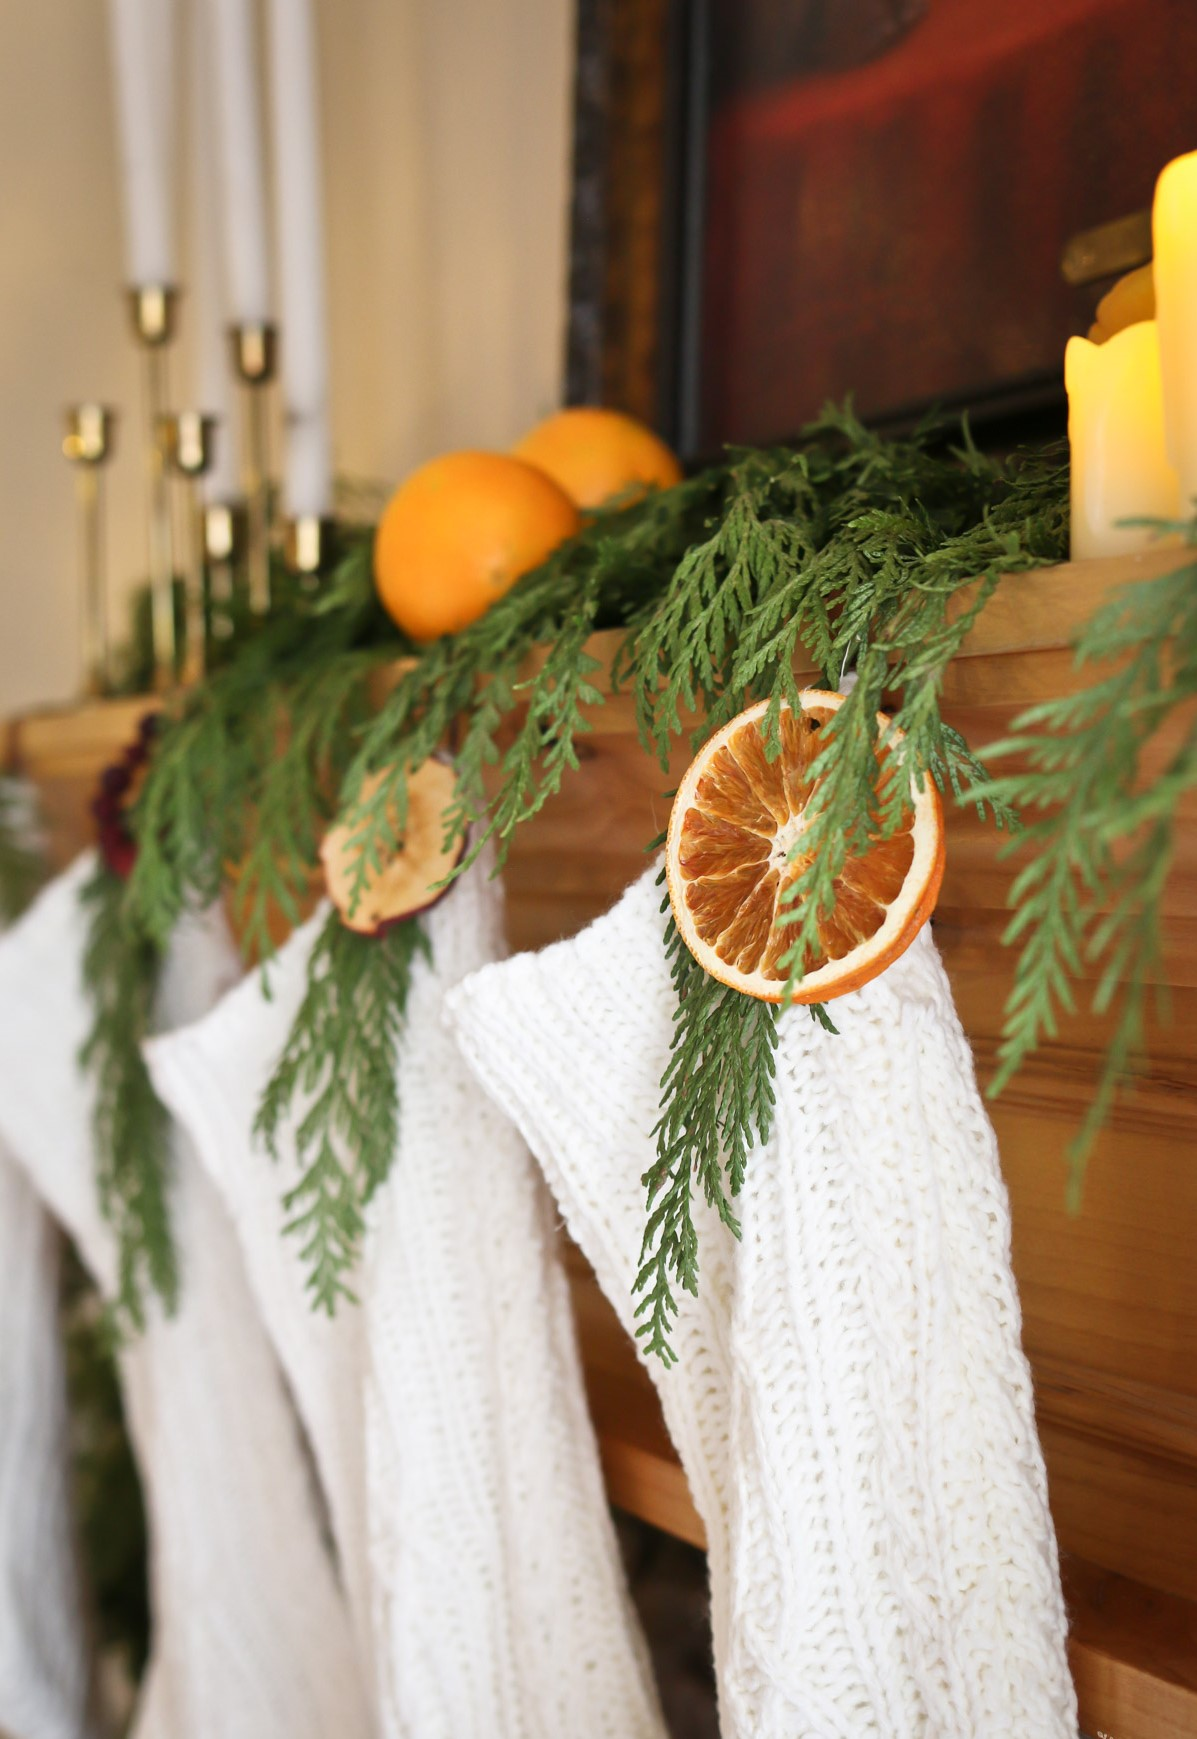 Belle décoration avec des oranges et des branches à feuilles persistantes.